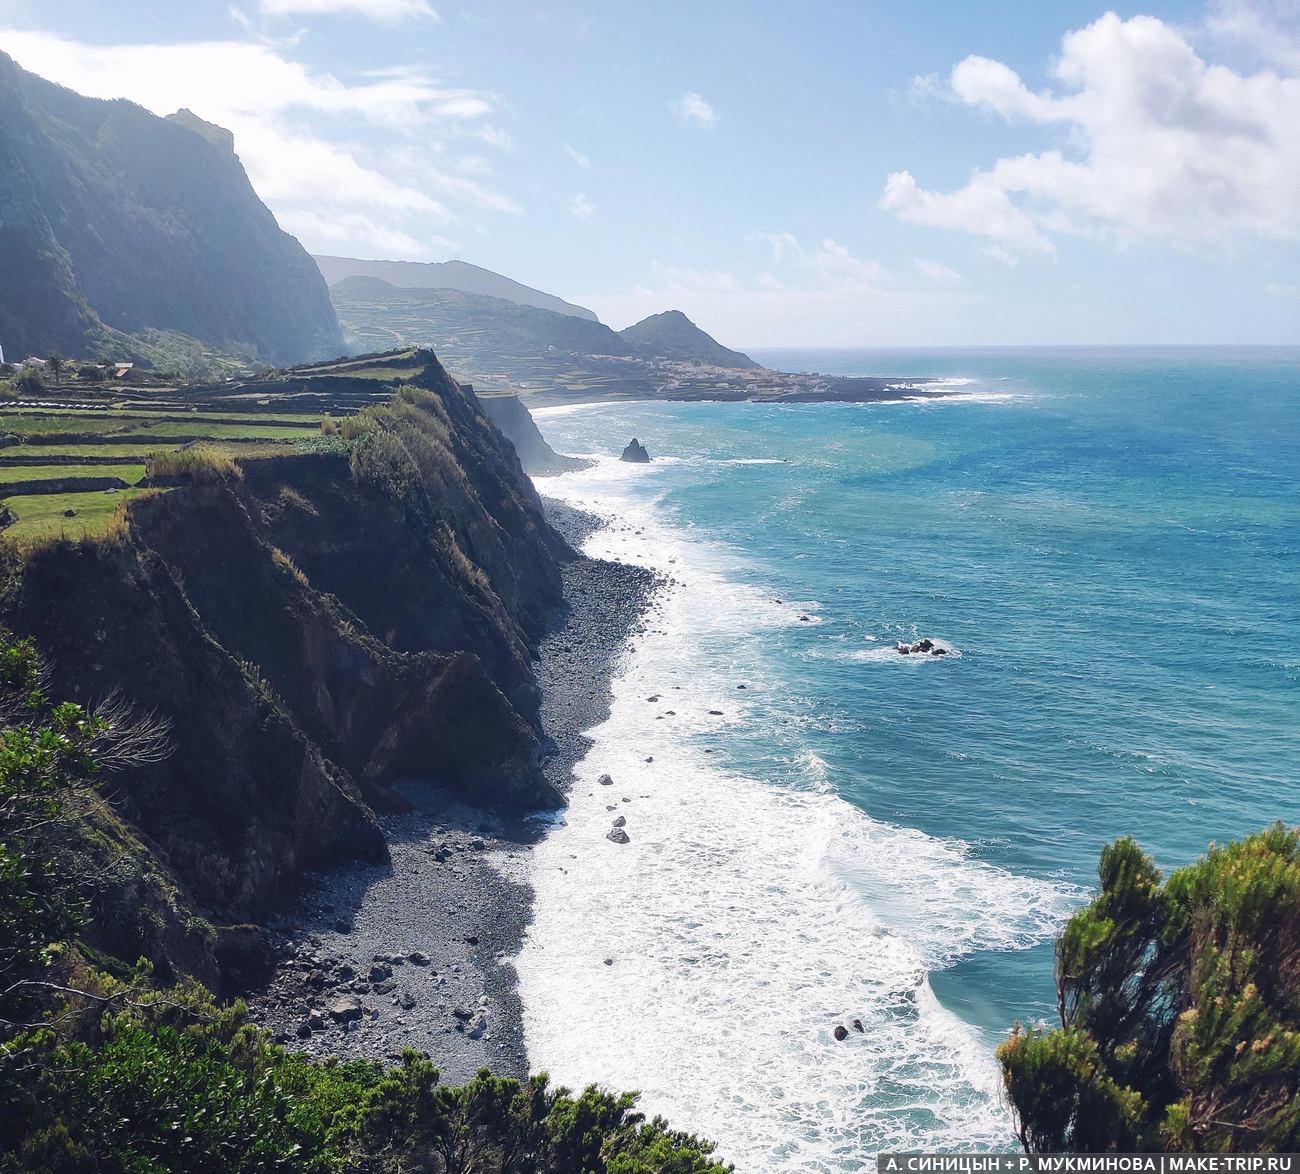 Флориш, Азорские острова